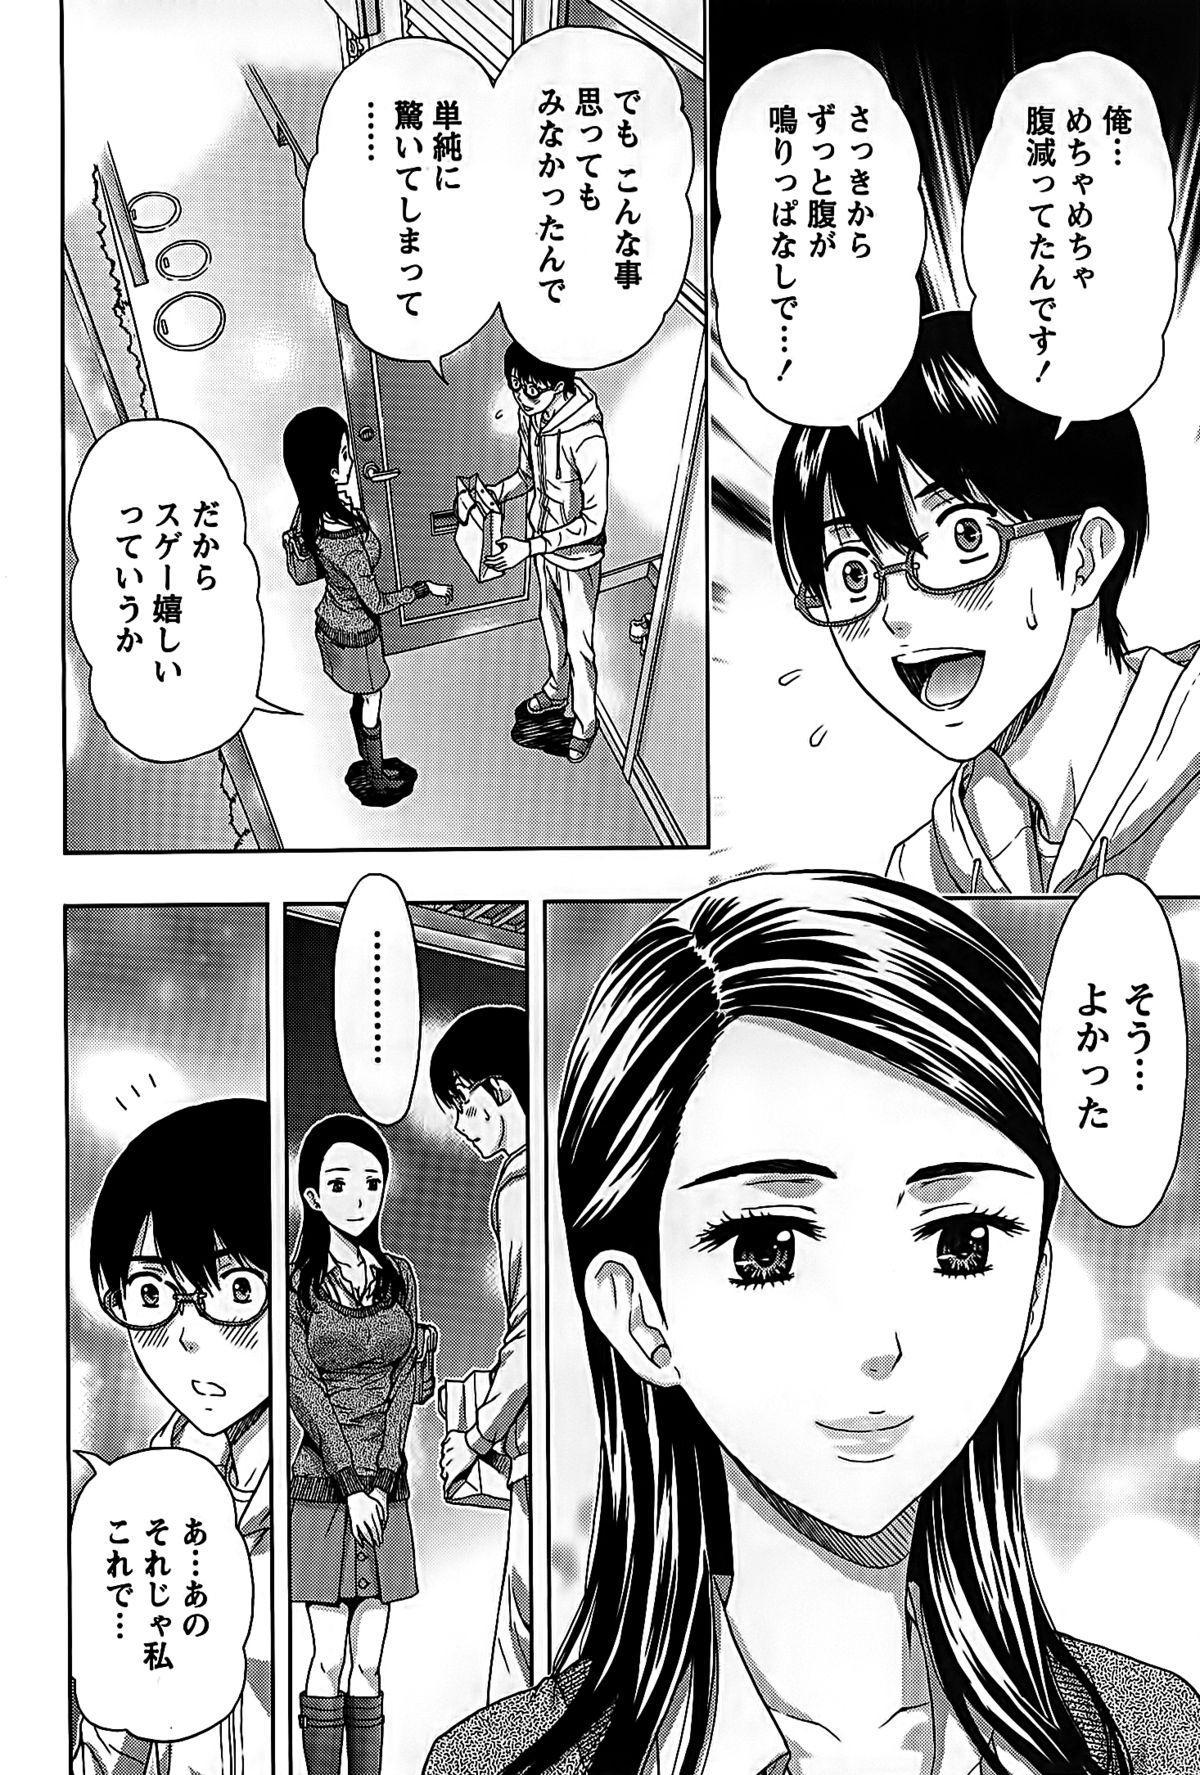 Shittori Lady to Amai Mitsu 53